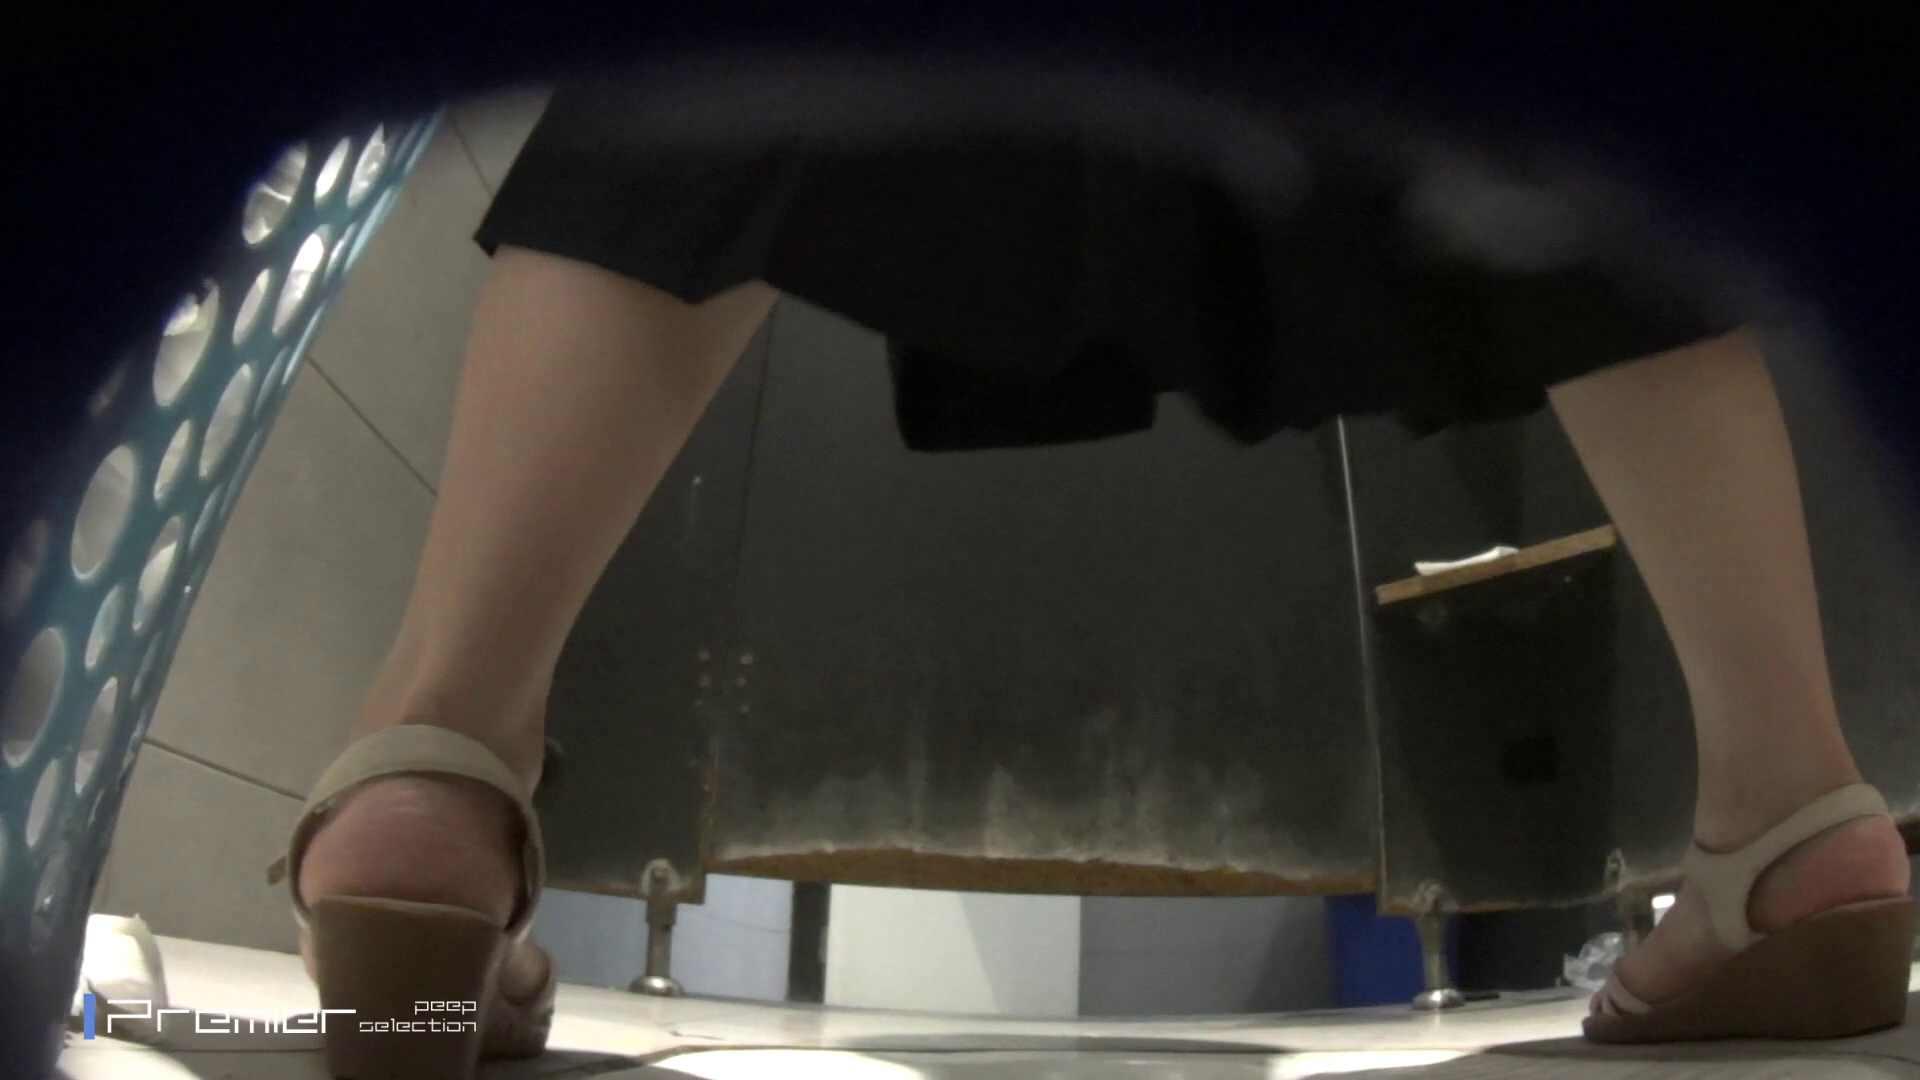 ポッチャリ好きは必見!大学休憩時間の洗面所事情66 ポチャの体 オマンコ動画キャプチャ 53画像 10